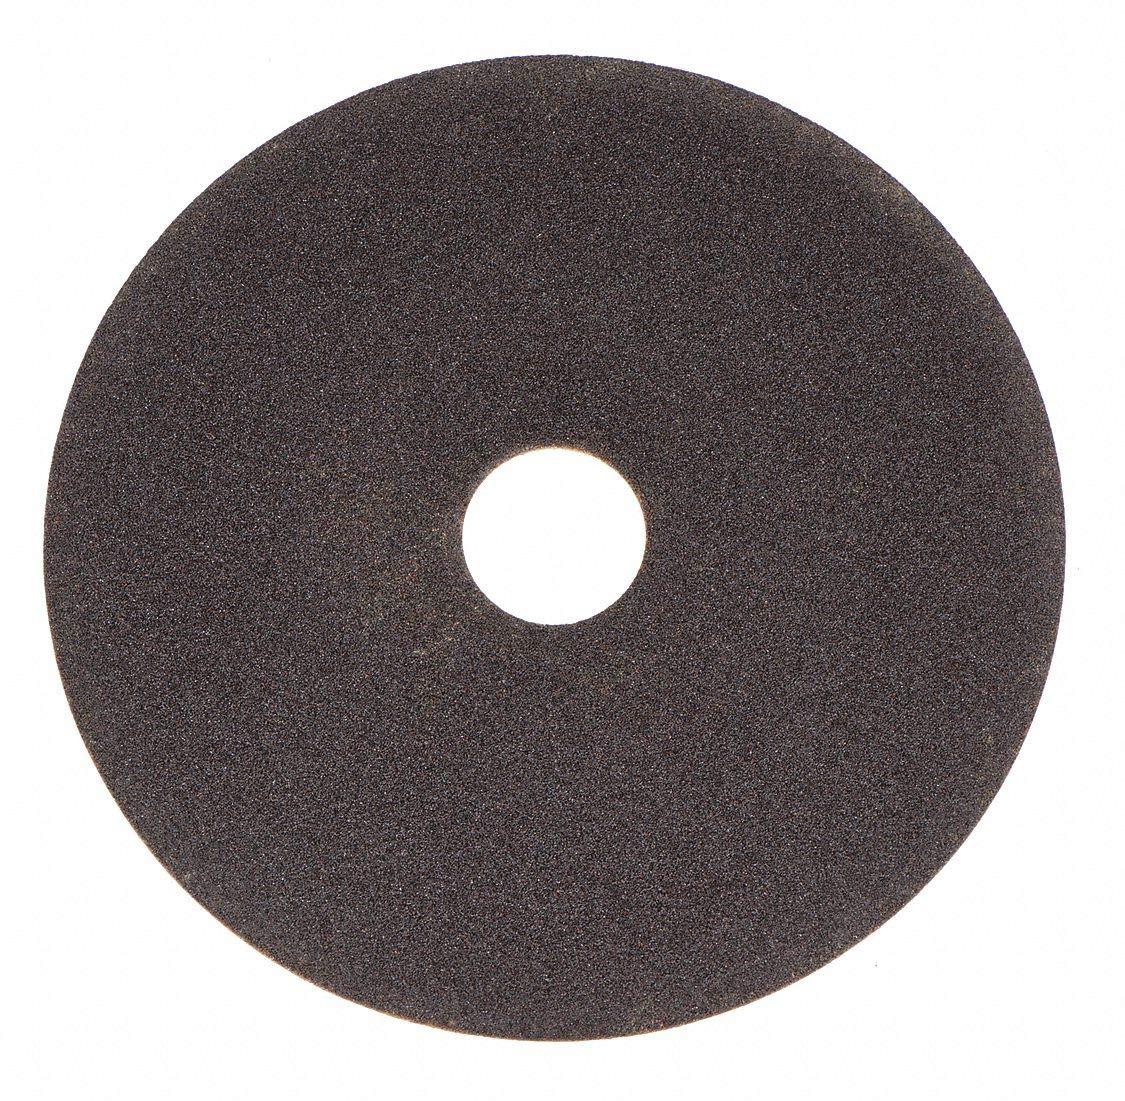 CutOff Whl, 57A60-M8B, 8